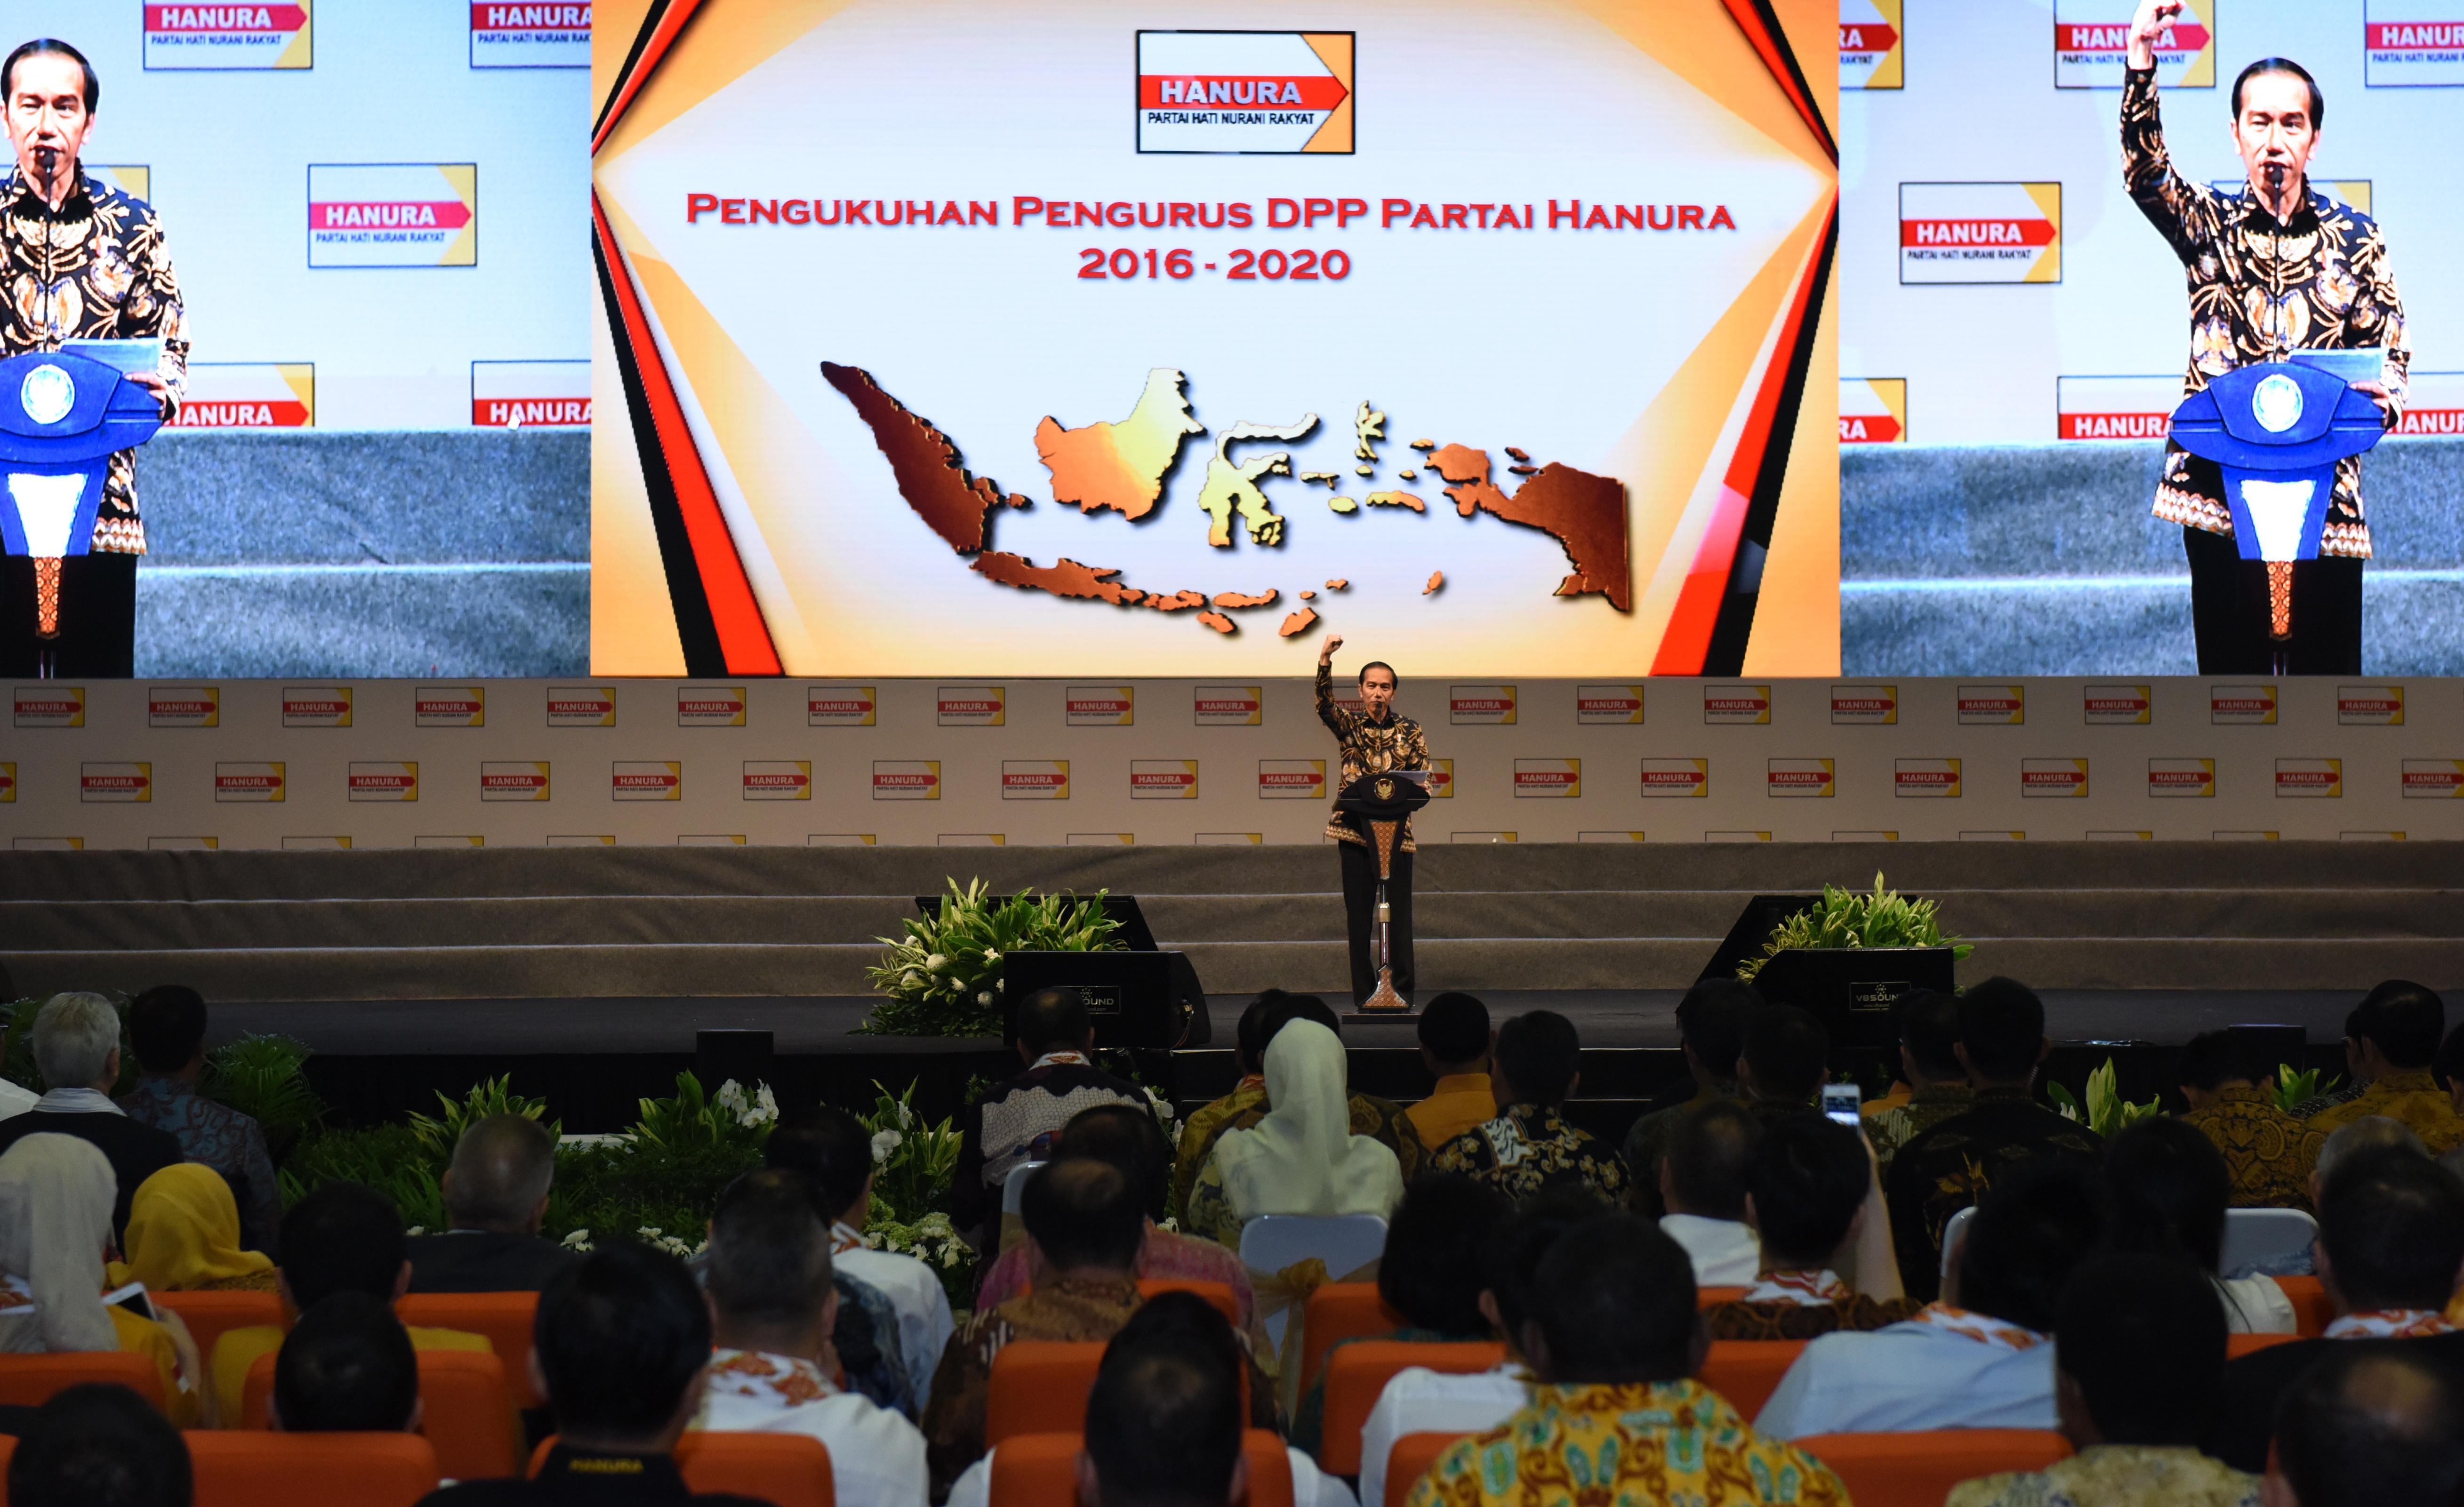 Presiden Jokowi menyampaikan sambutan pada acara Pengukuhan Pengurus Dewan Pimpinan Pusat (DPP) Partai Hanura, di Sentul International Convention Center (SICC), Bogor, Jawa Barat, Rabu (2/2) pagi. (Foto: OJI/Humas)